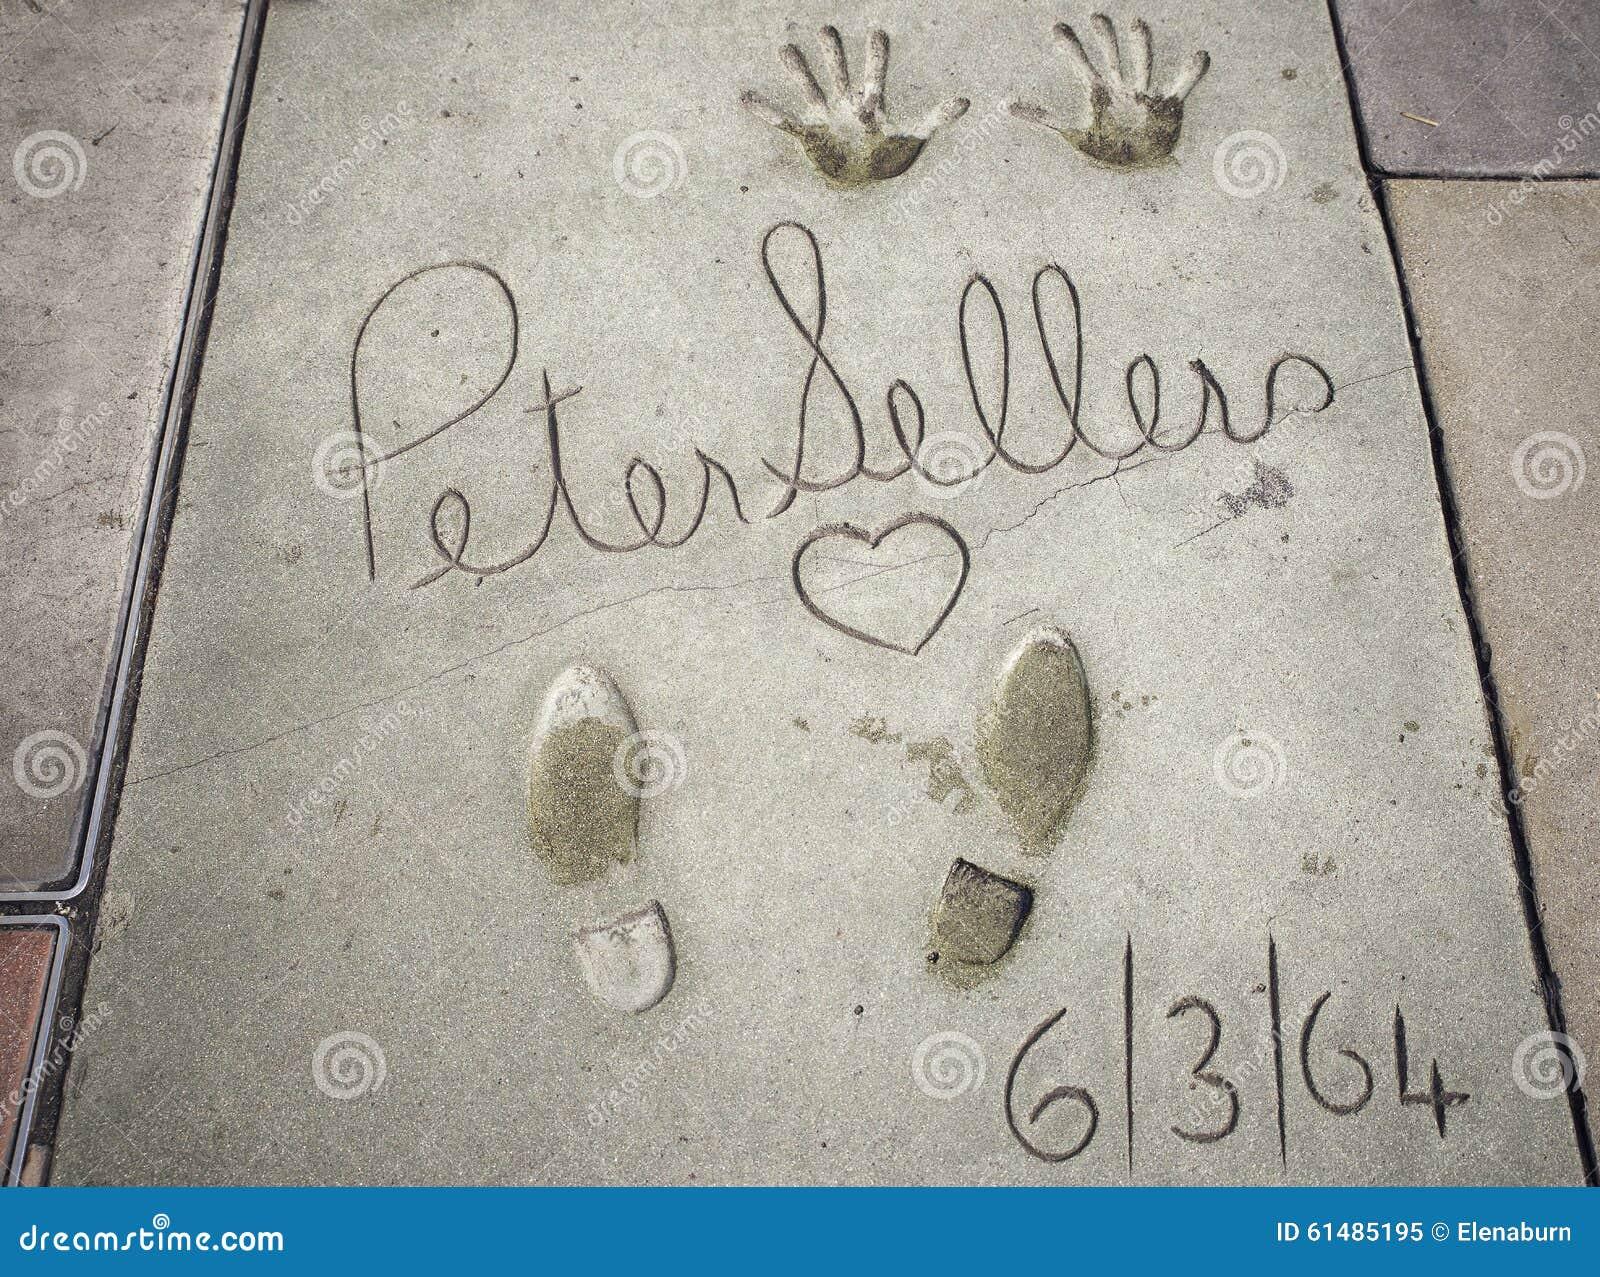 Peter Sellers-handprints-voetafdrukken in Hollywood